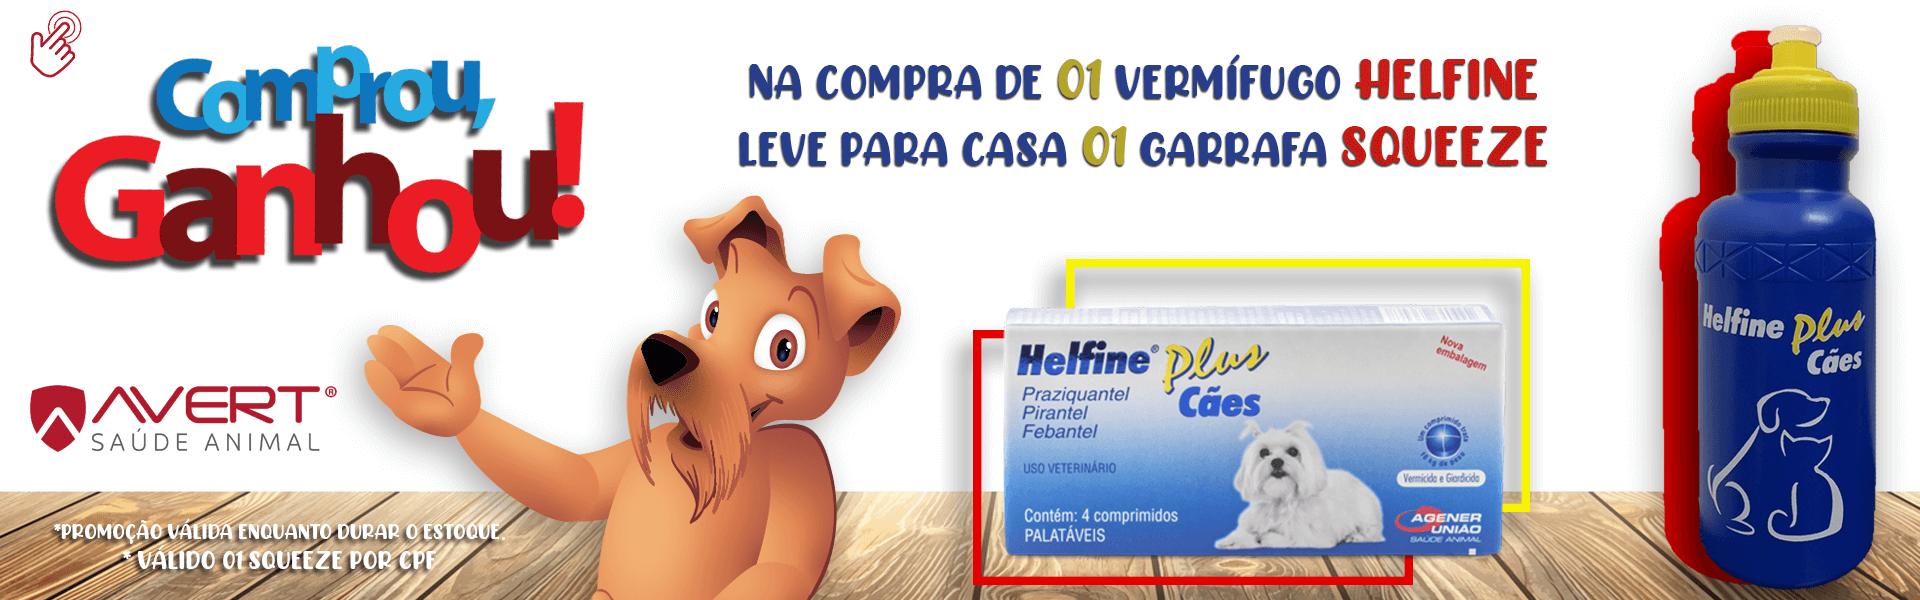 Hellfine